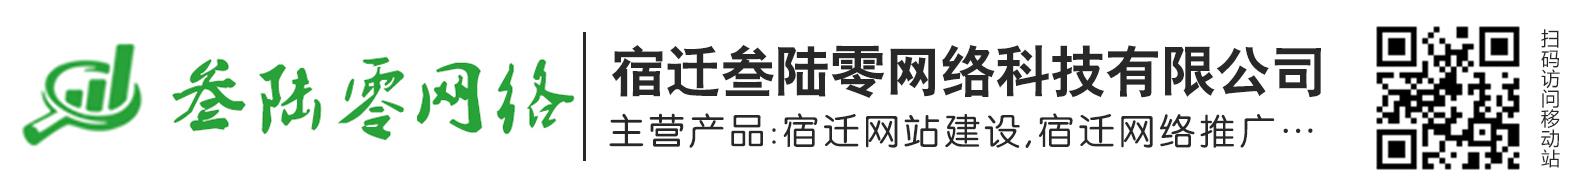 宿遷叁陸零網絡科技有限公司